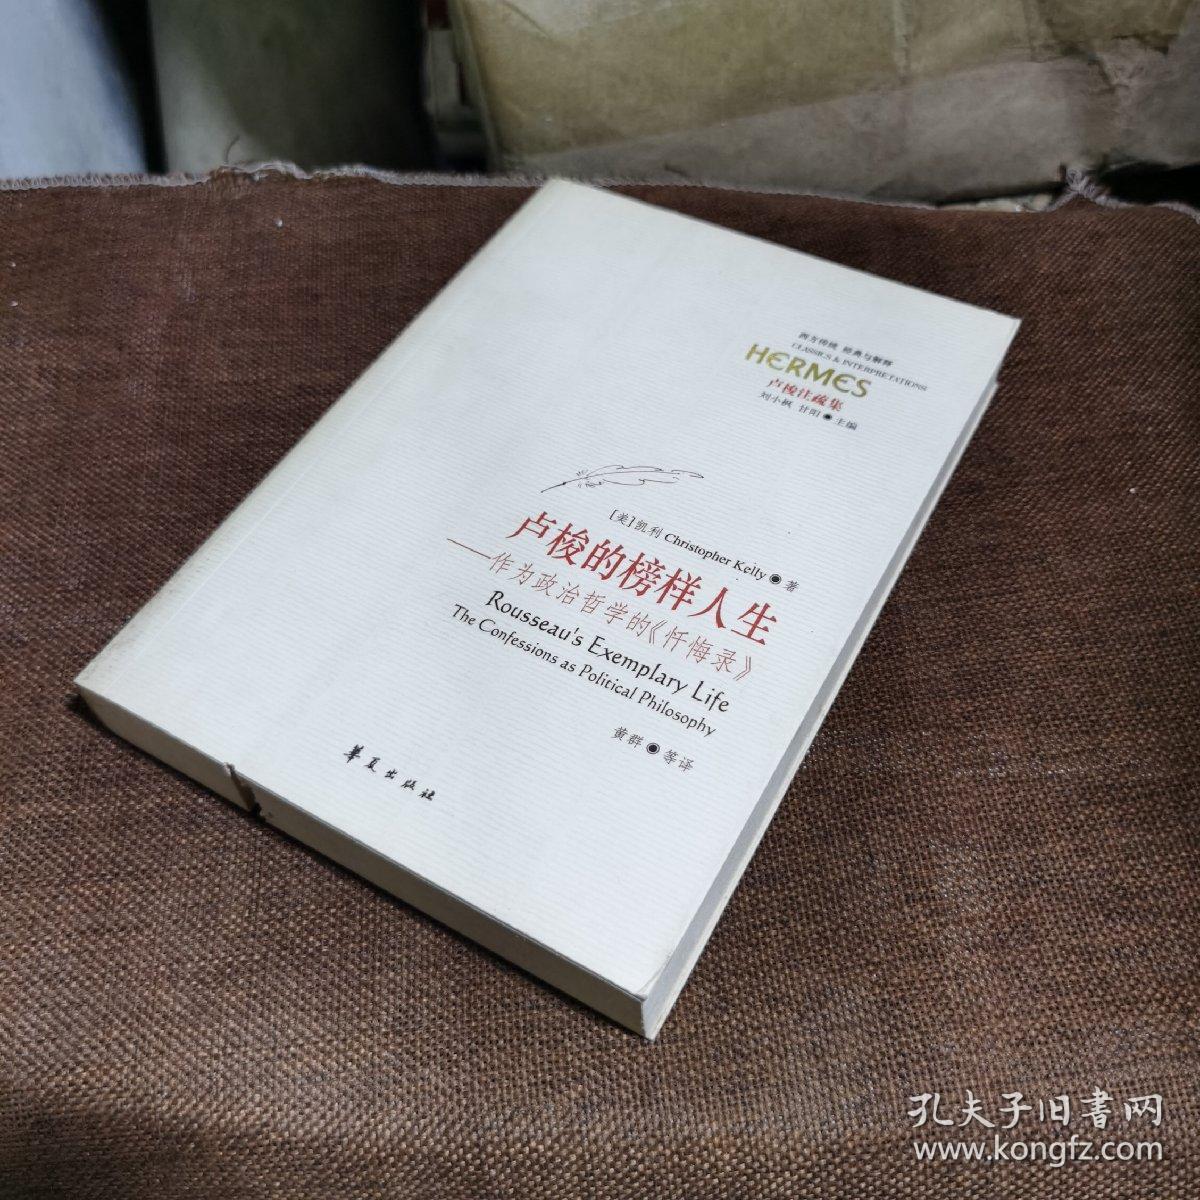 卢梭的榜样人生:作为政治哲学的《忏悔录》